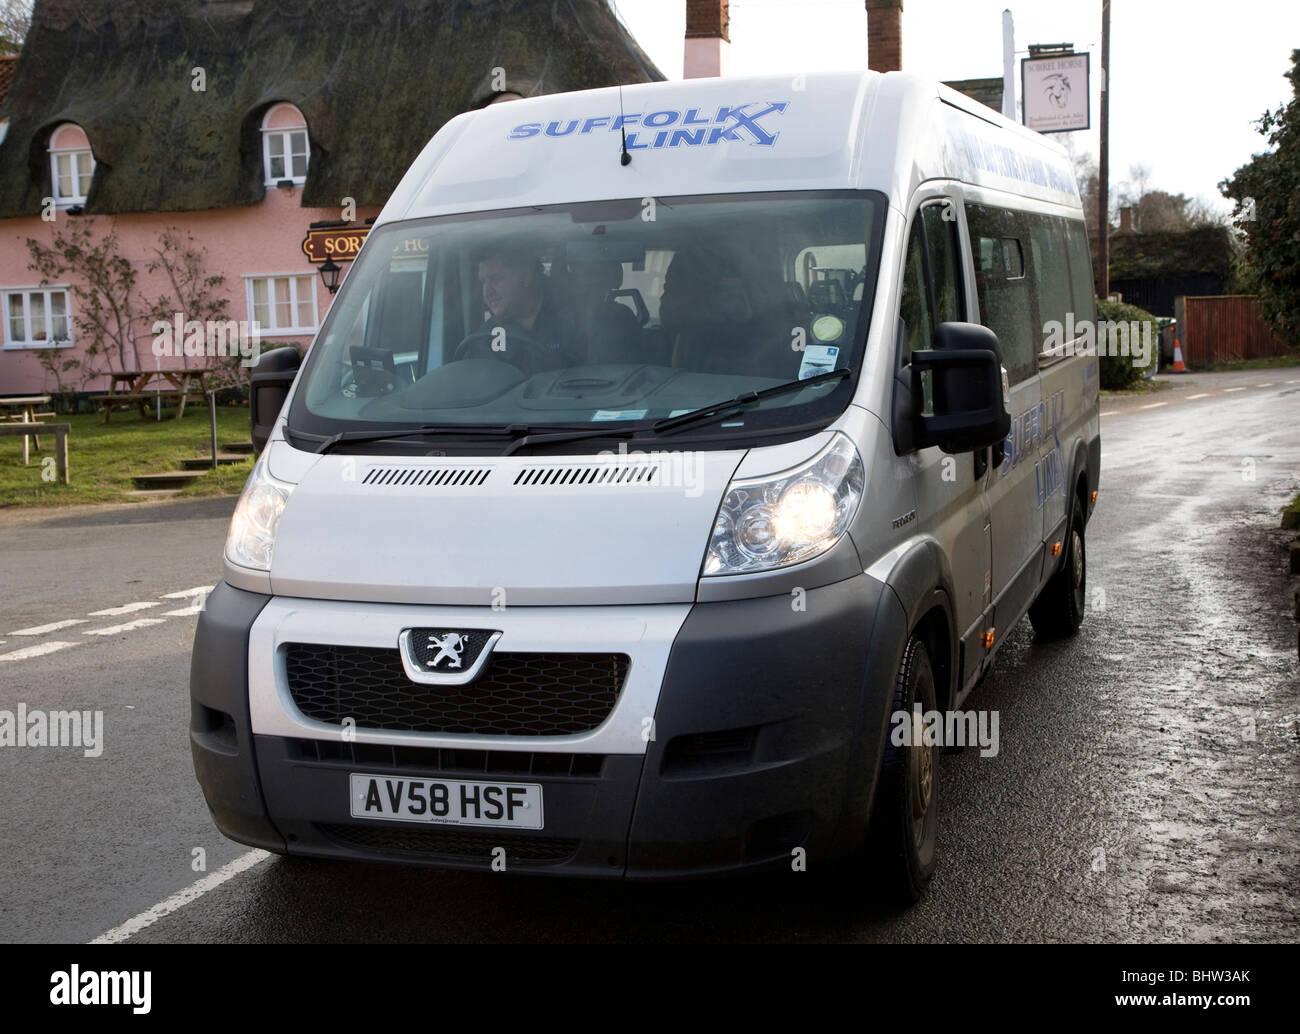 On demand community Suffolk Link rural transport minibus bus service Shottisham Suffolk England - Stock Image